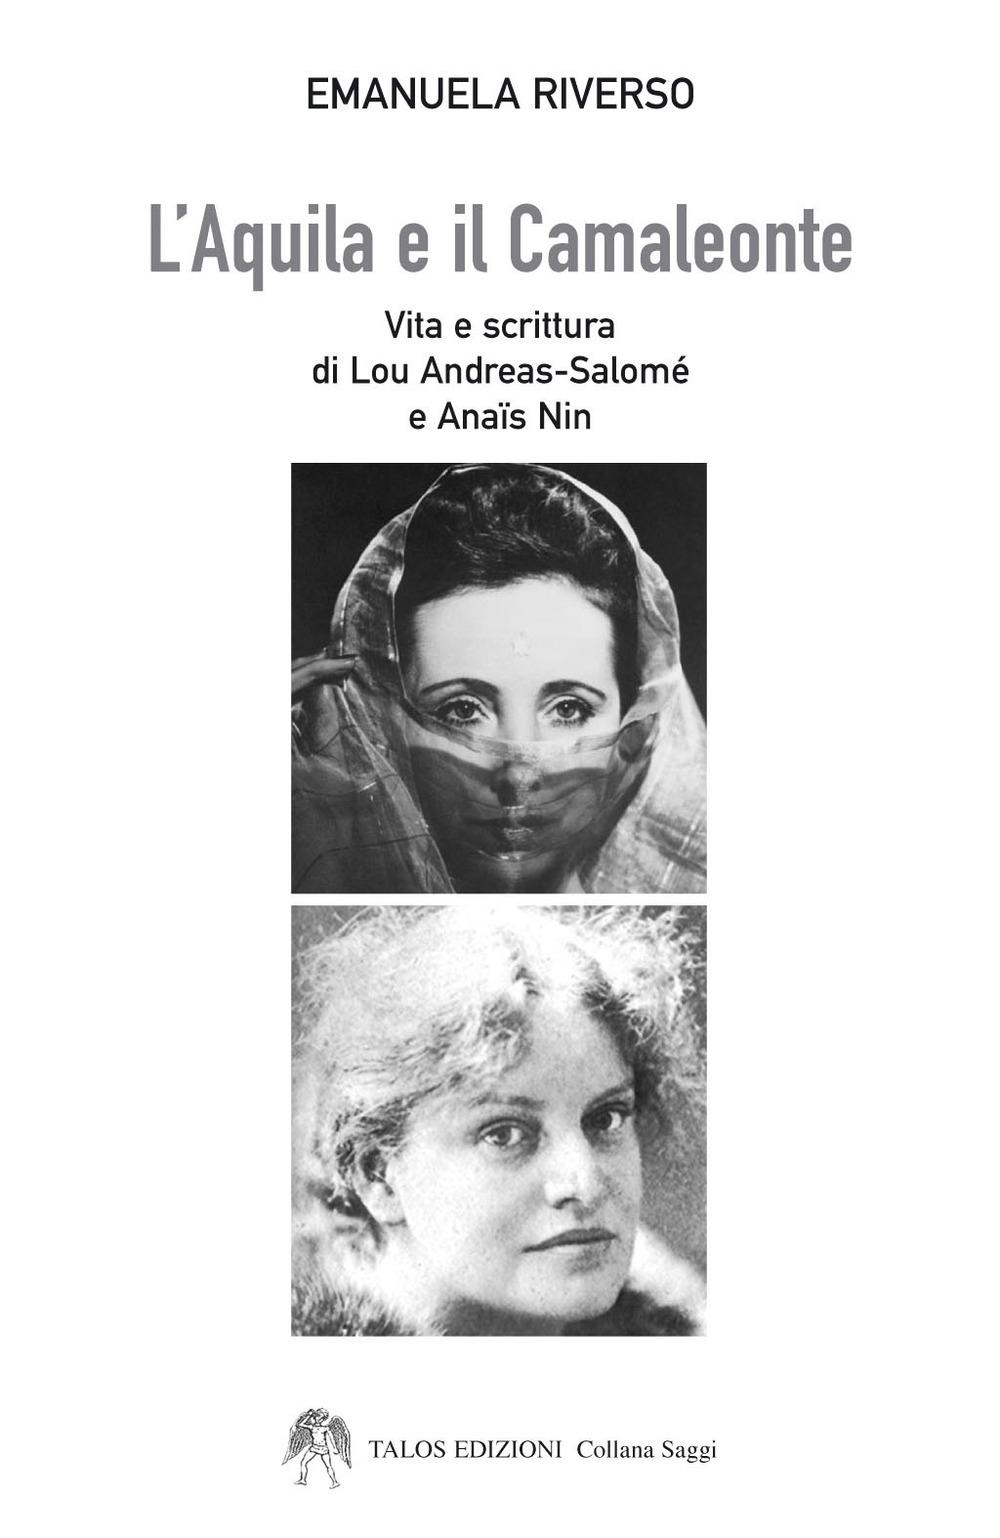 L'aquila e il camaleonte. Vita e scrittura di Lou Andreas-Salomé e Anaïs Nin